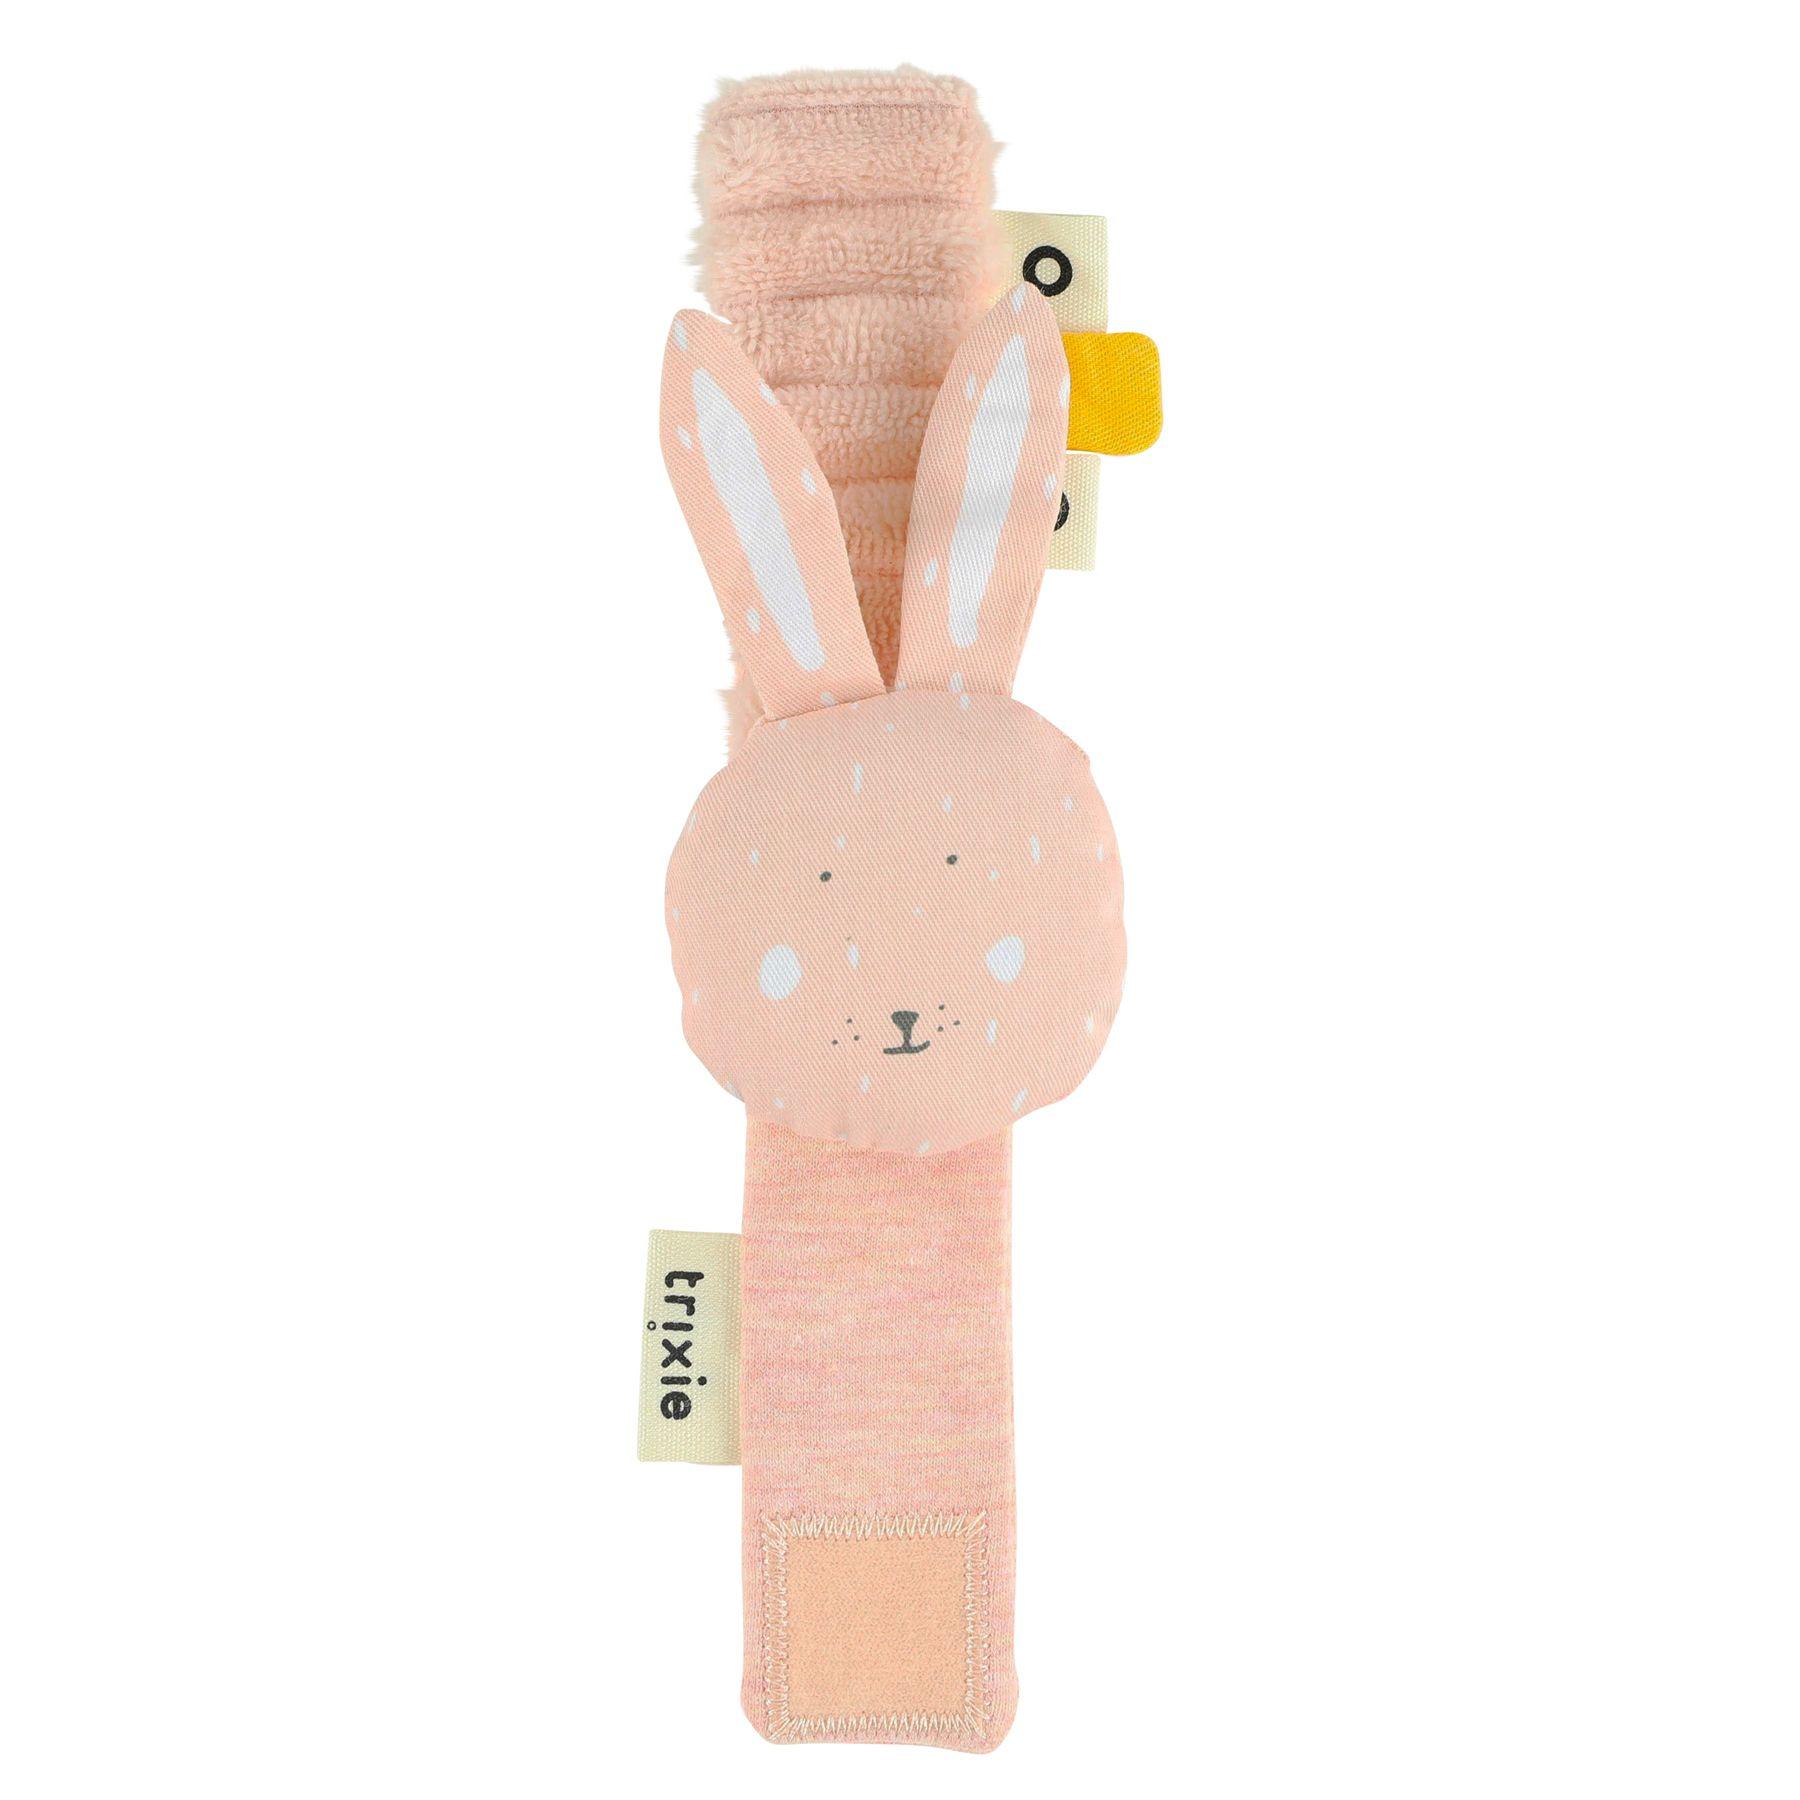 Κουδουνίστρα καρπού - Trixie - Rabbit